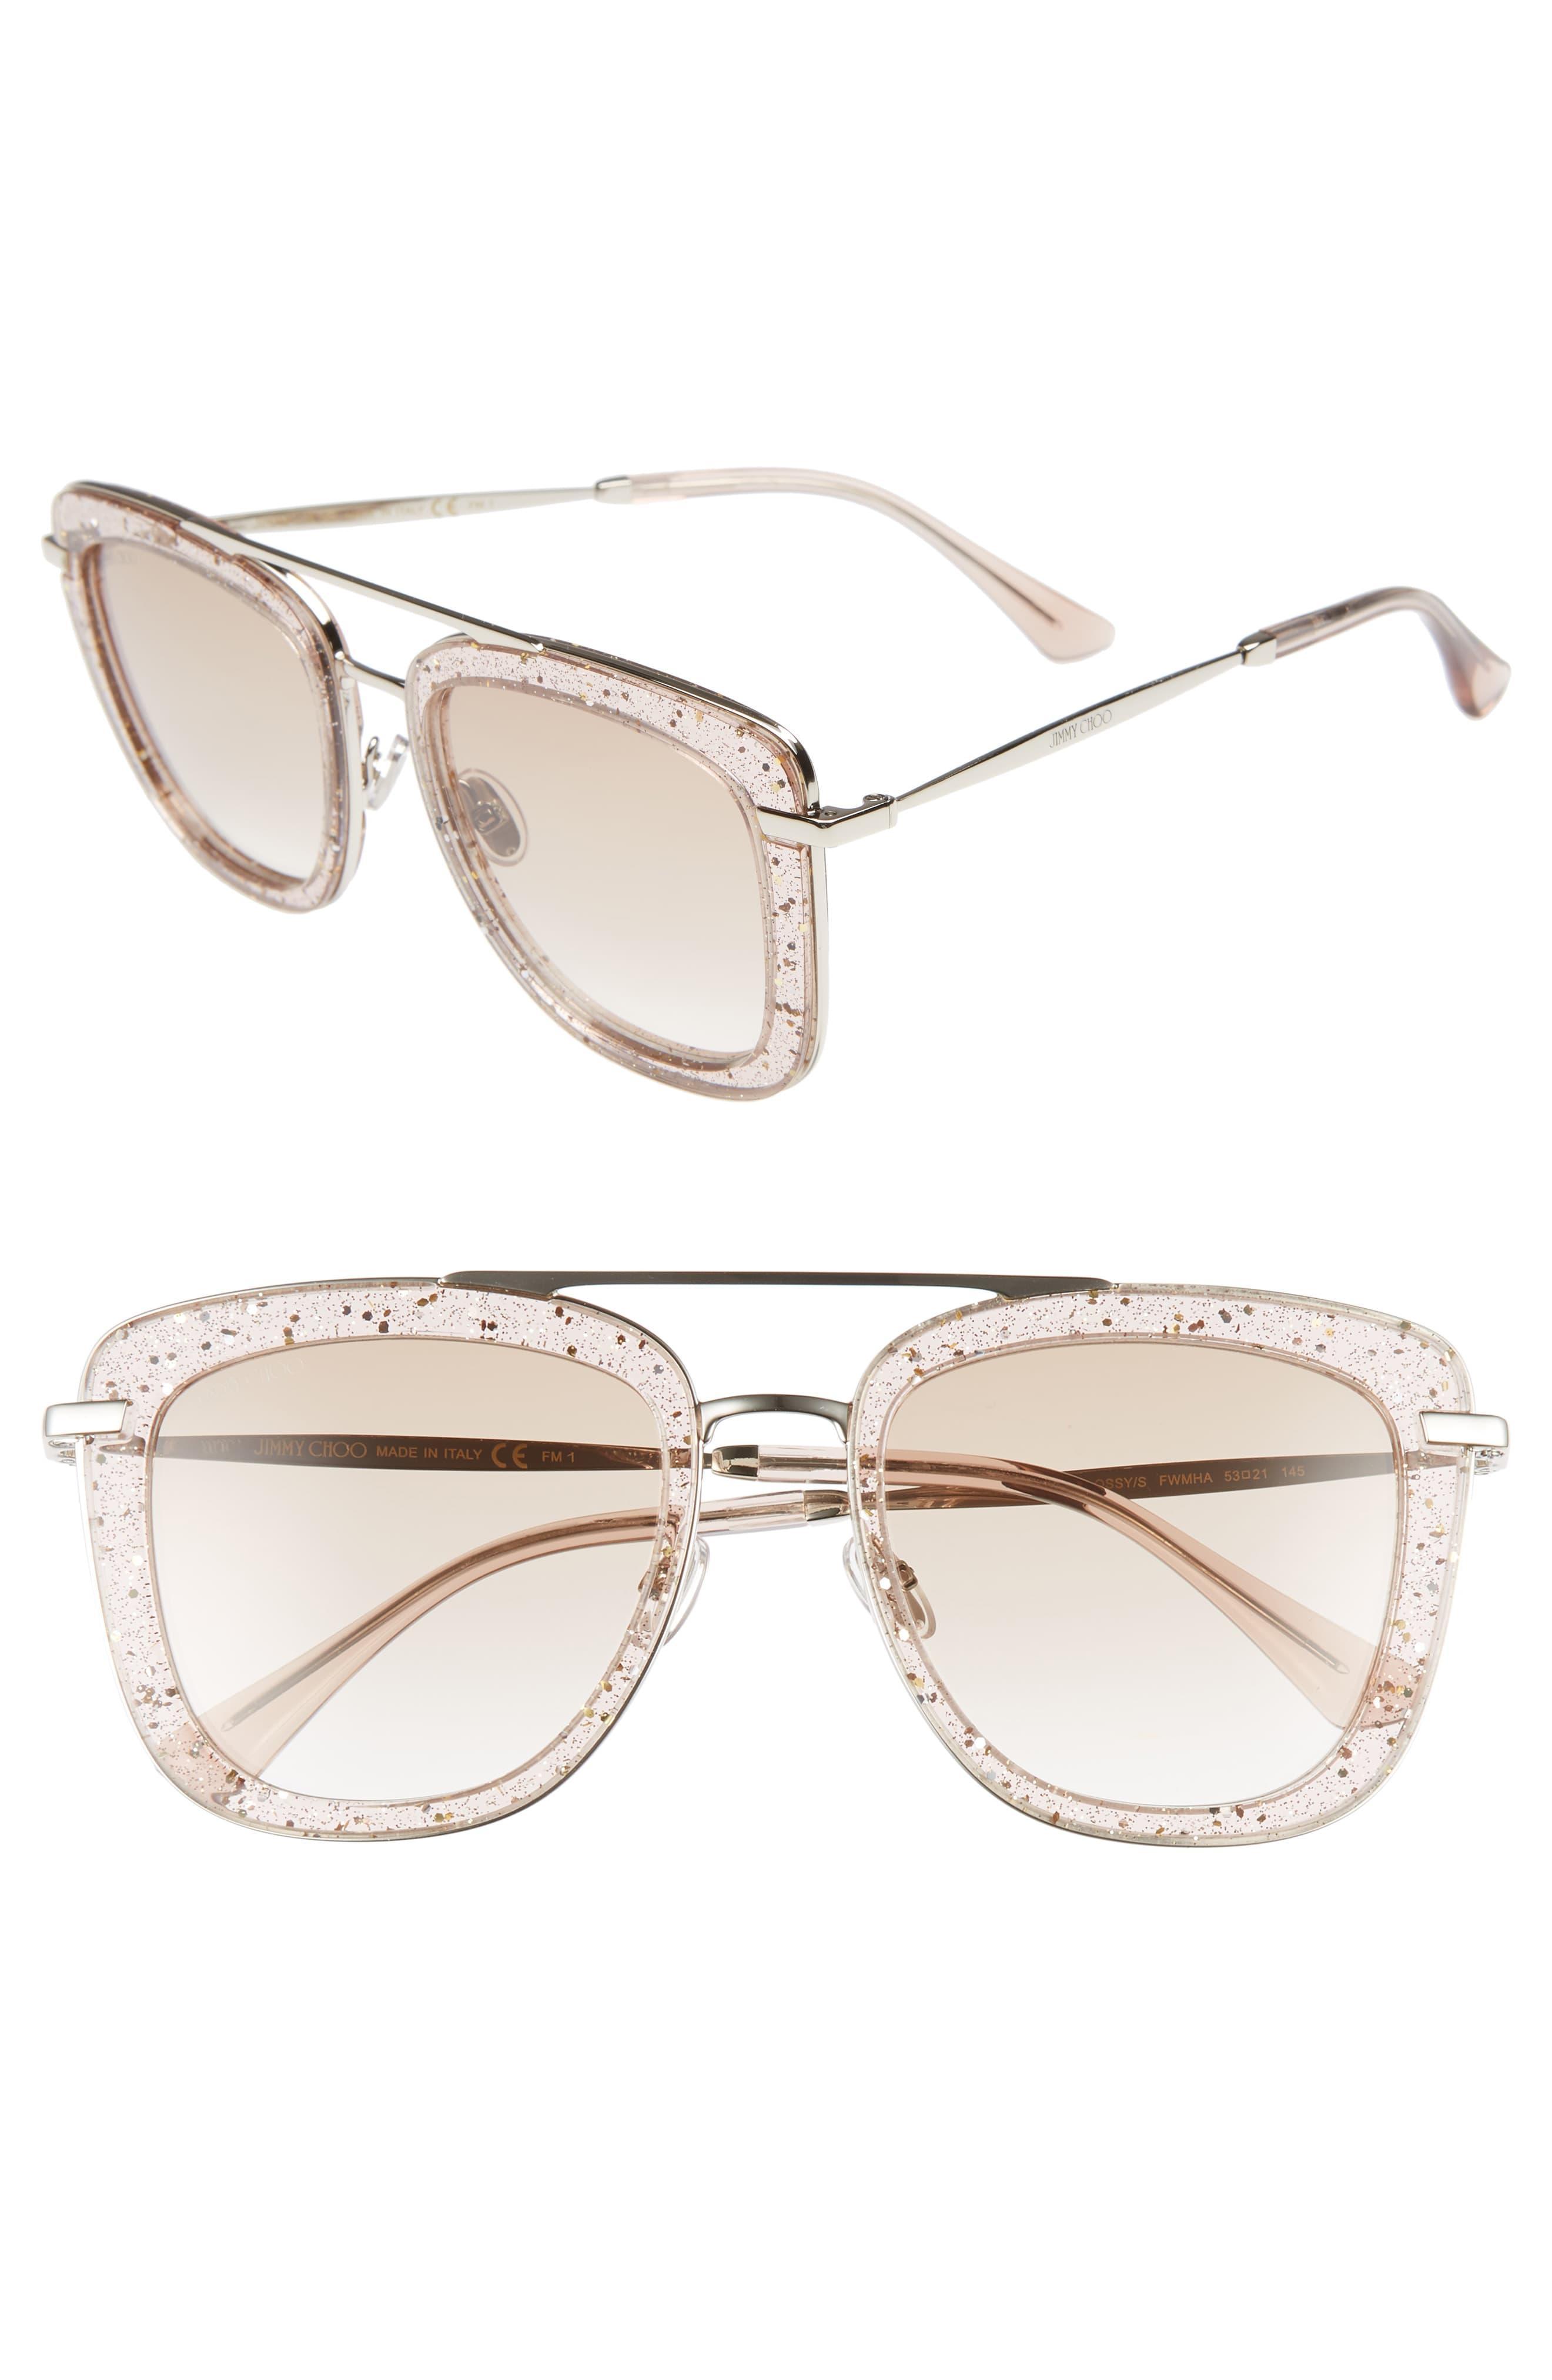 Garage Luxe - Square Nude Sunglasses